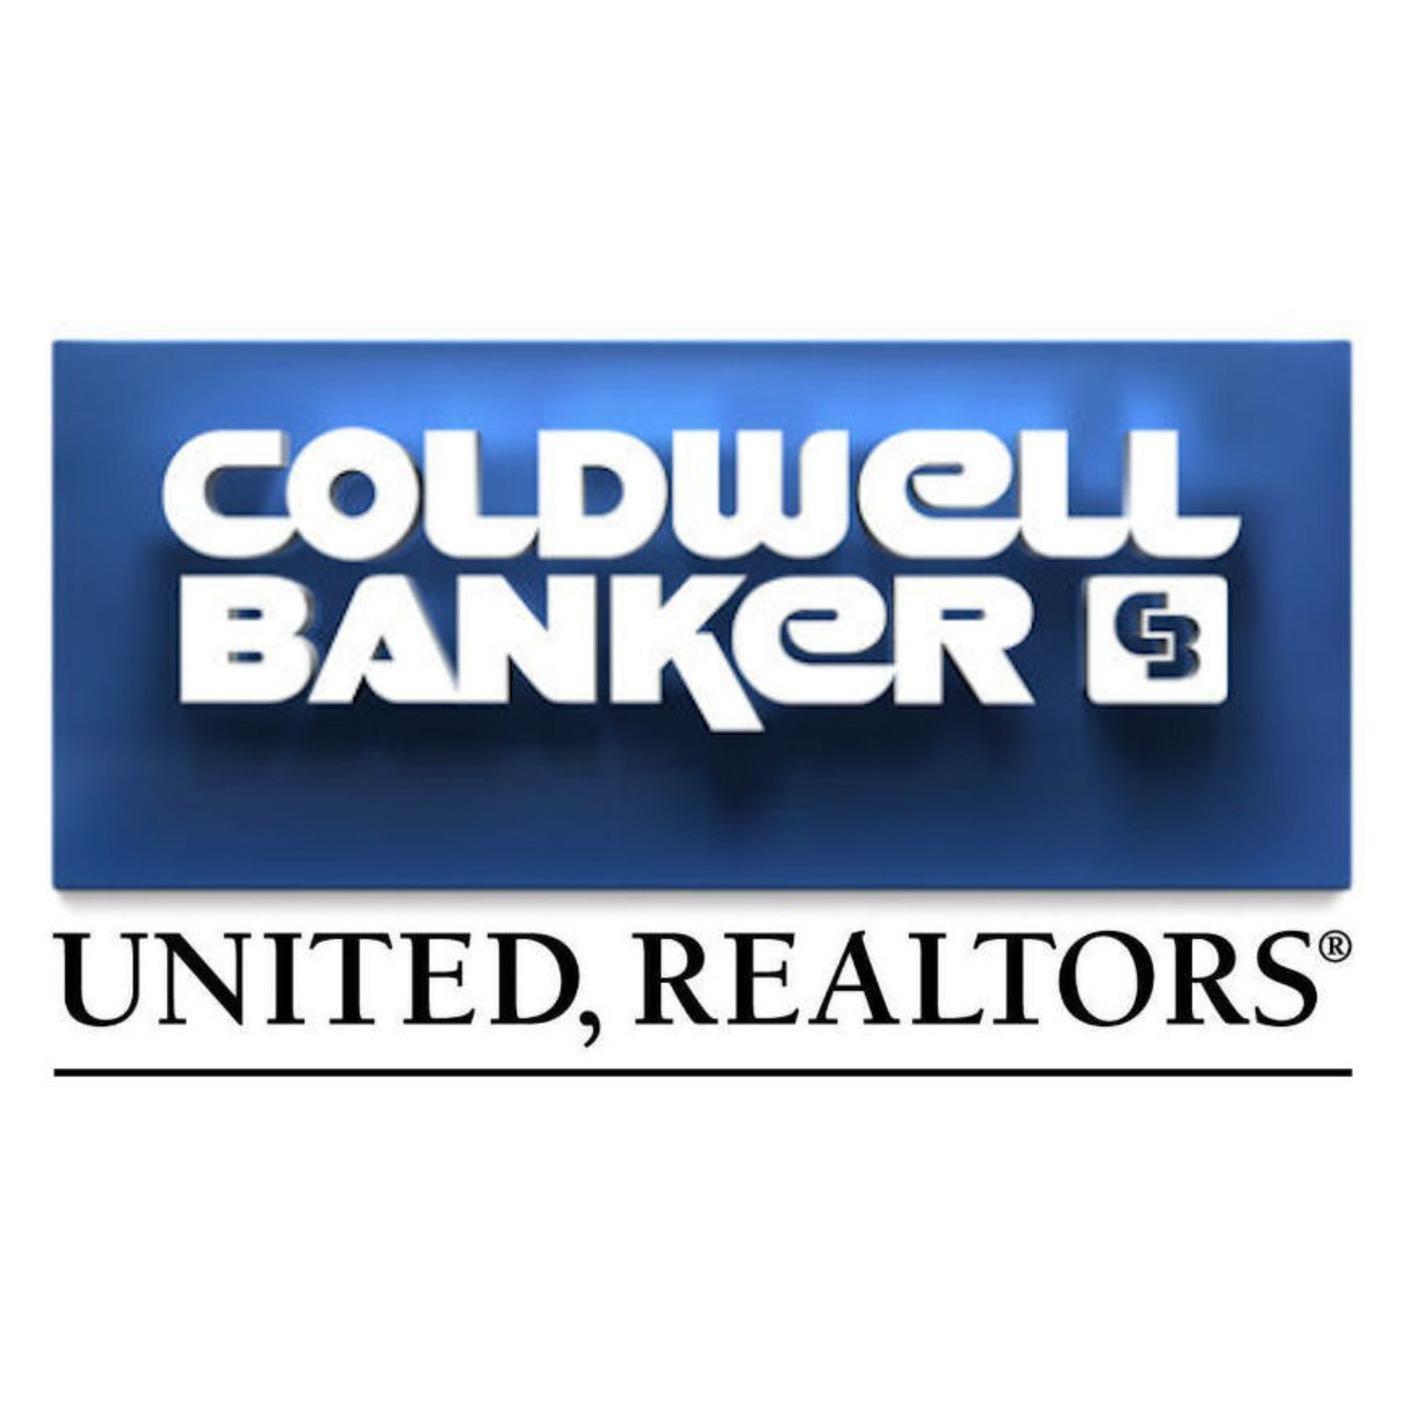 Linda Holt-Hanlon | Coldwell Banker United Realtors image 0